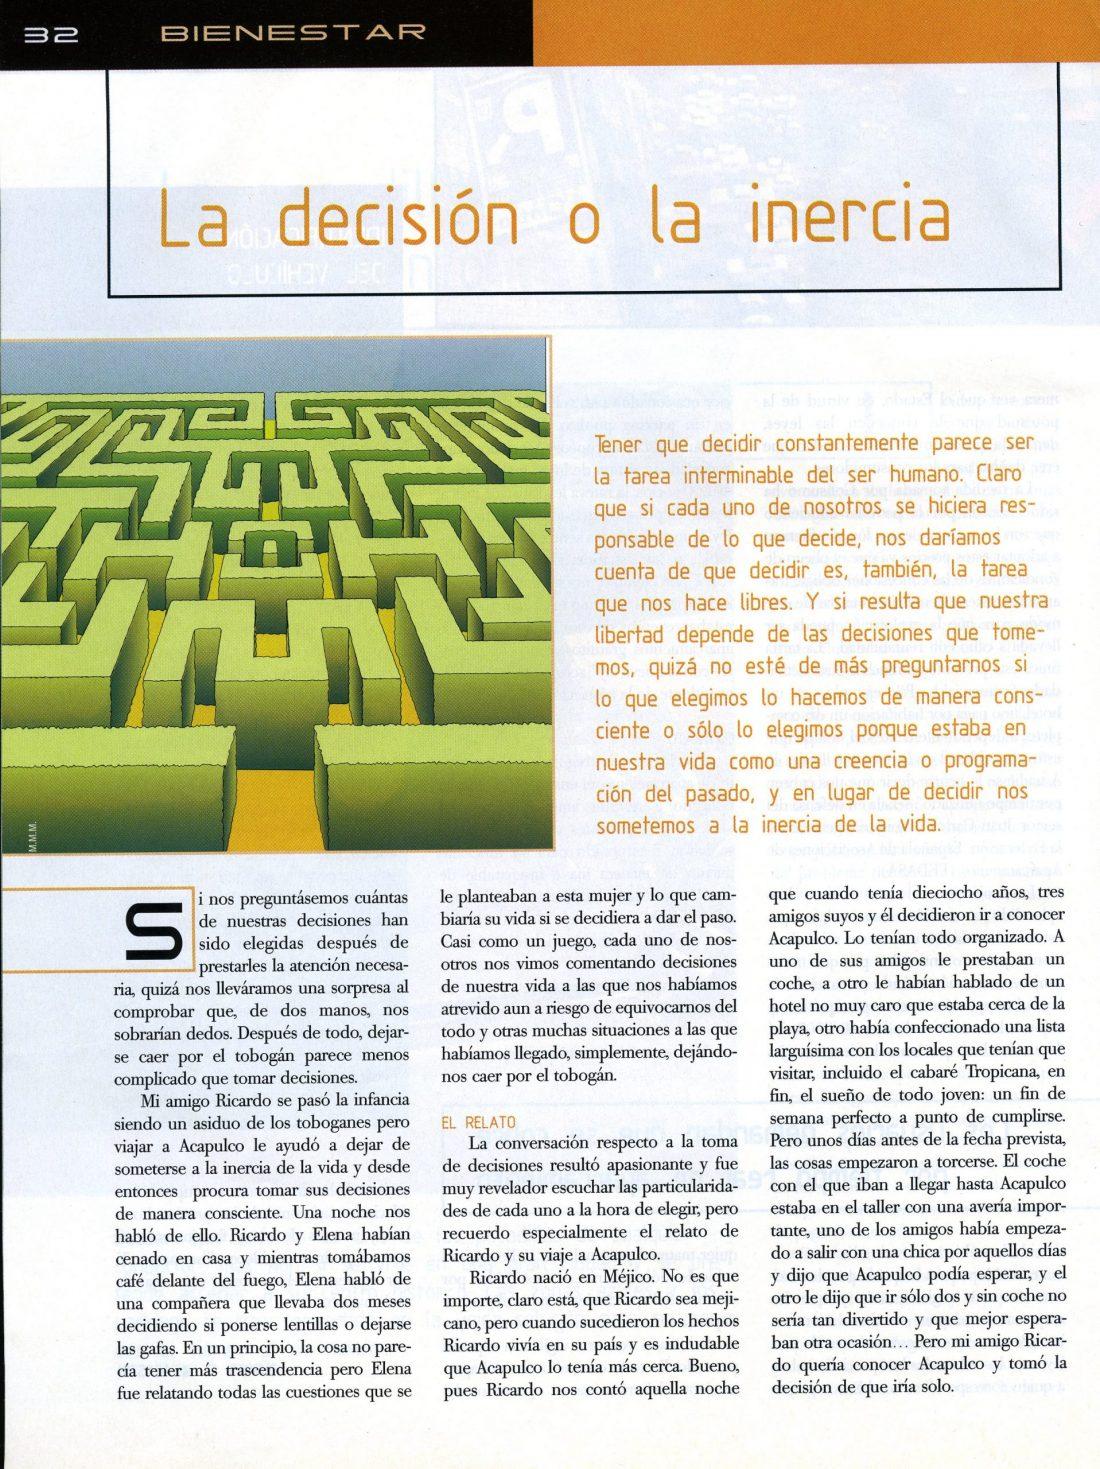 La decisión o la inercia 1